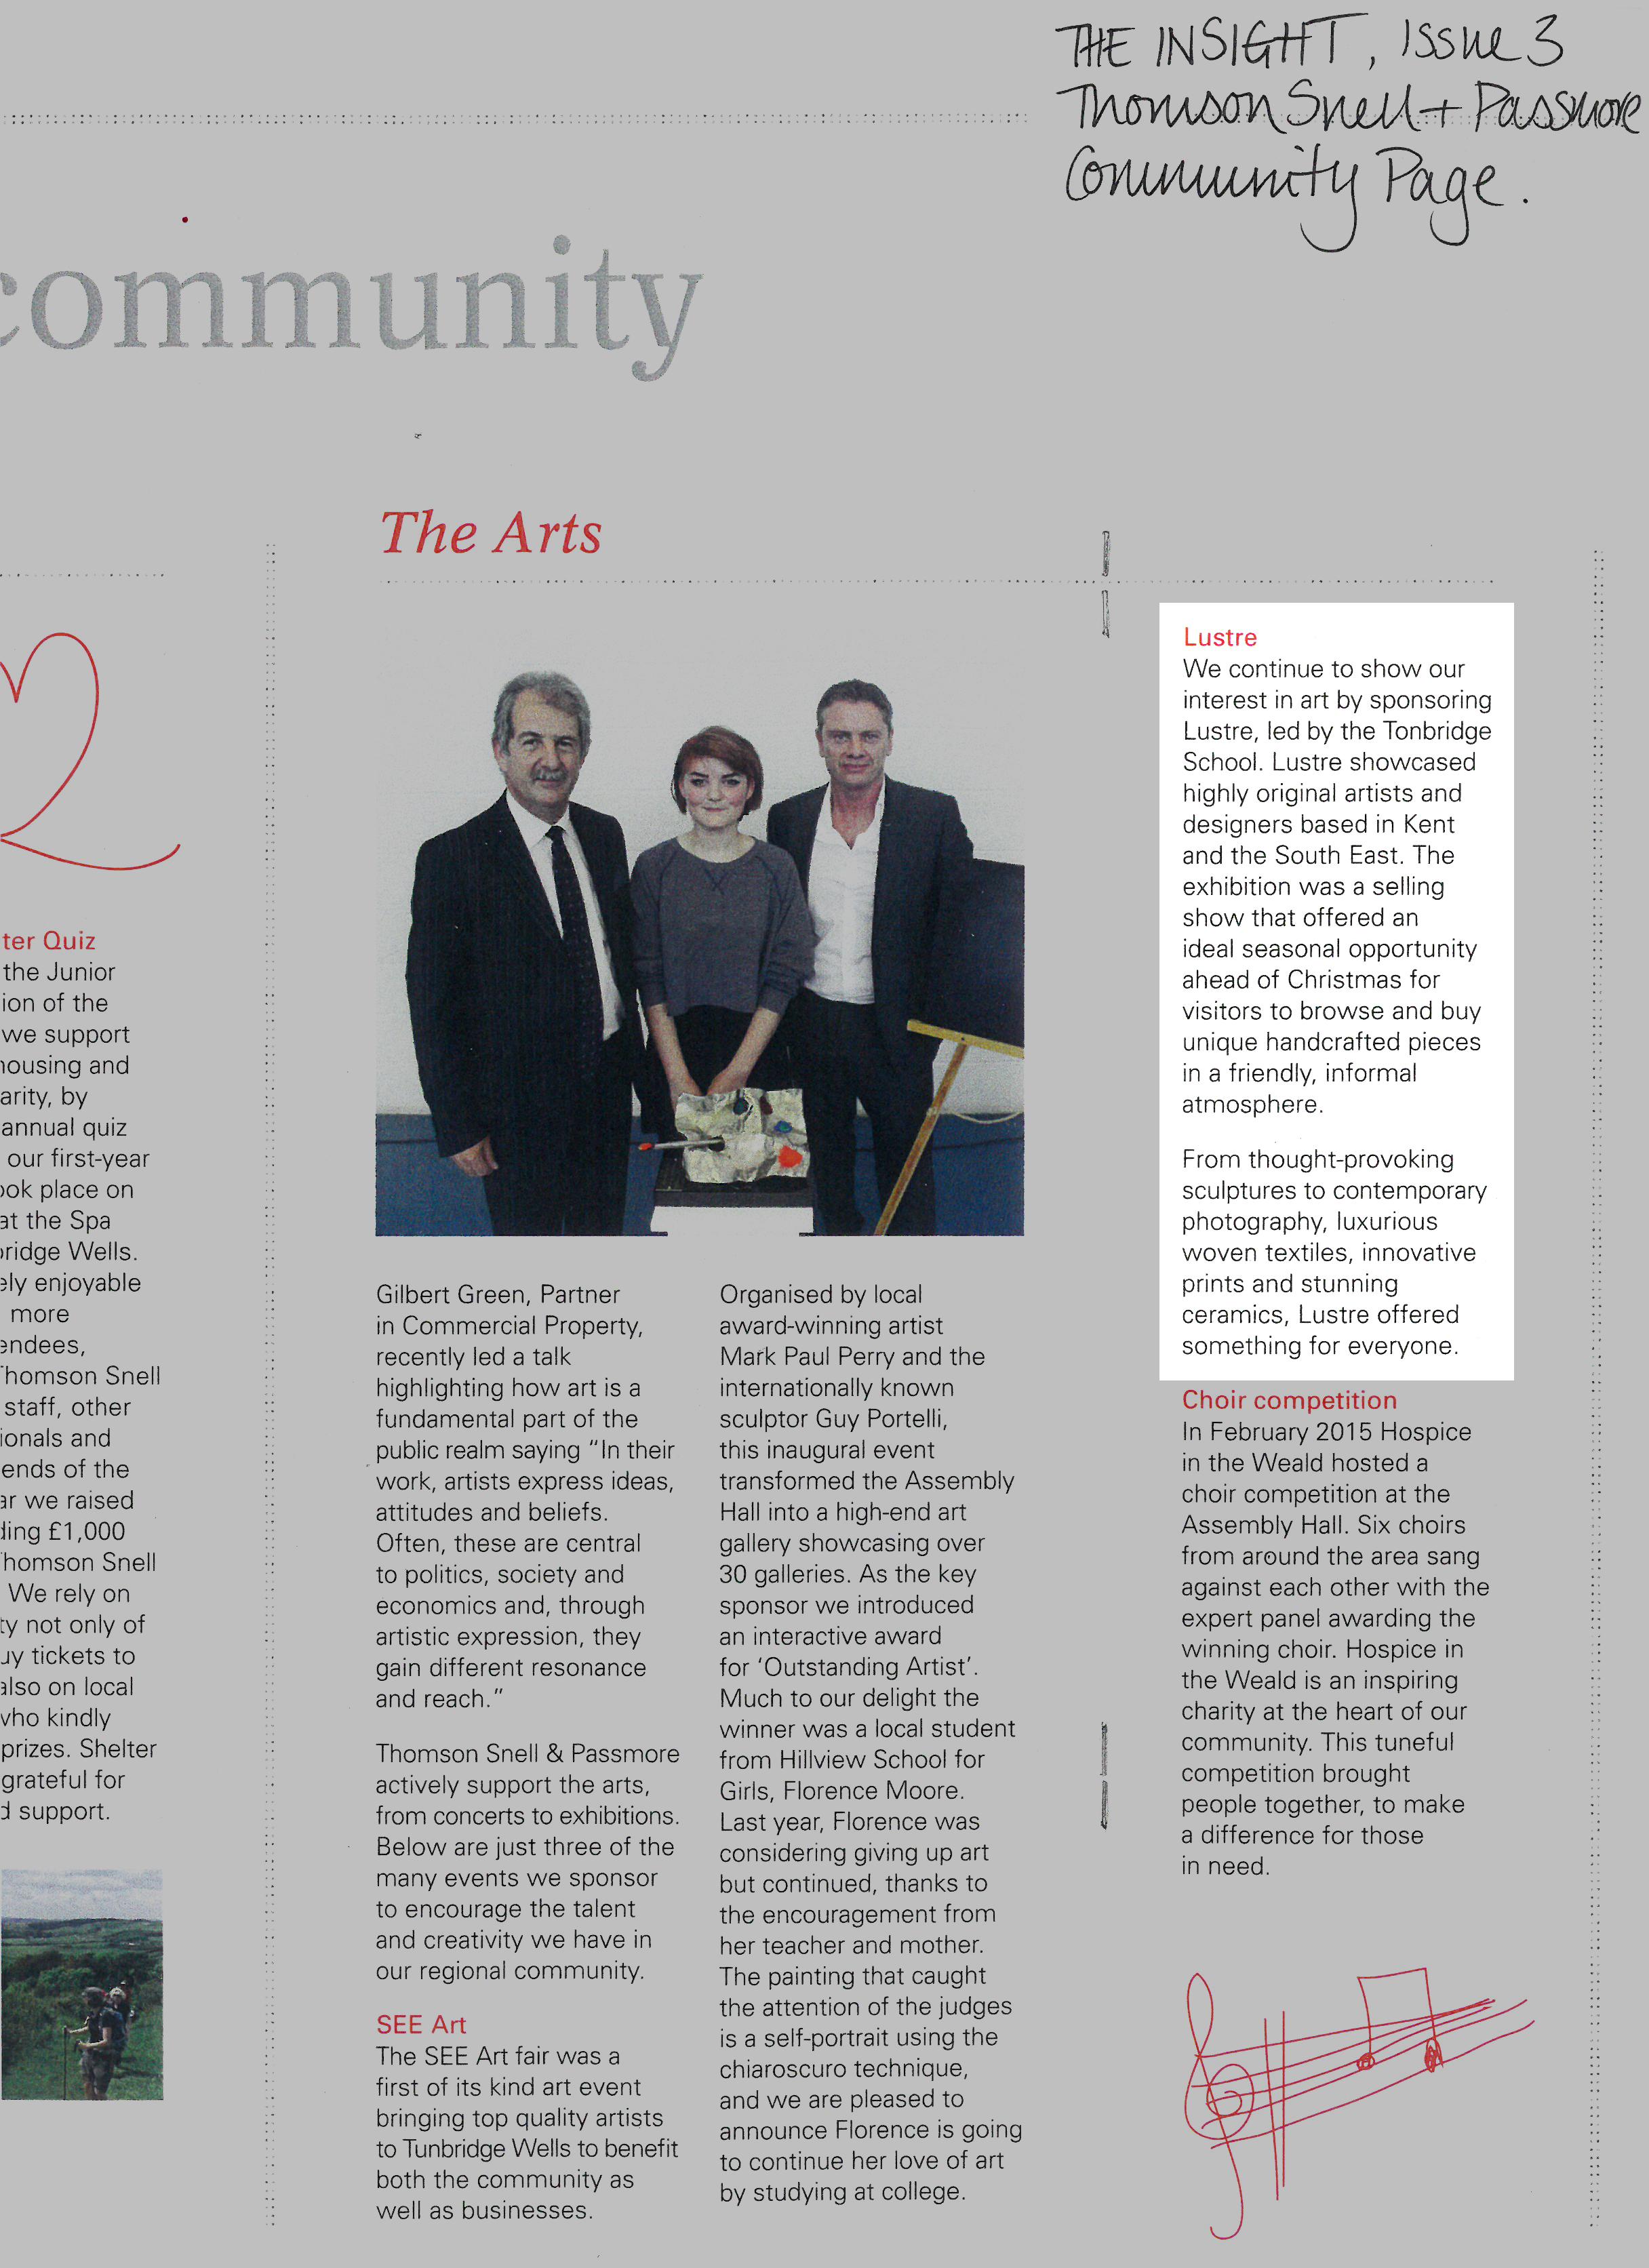 in_the_news-lustre_in_tsandp_magazine.jpg